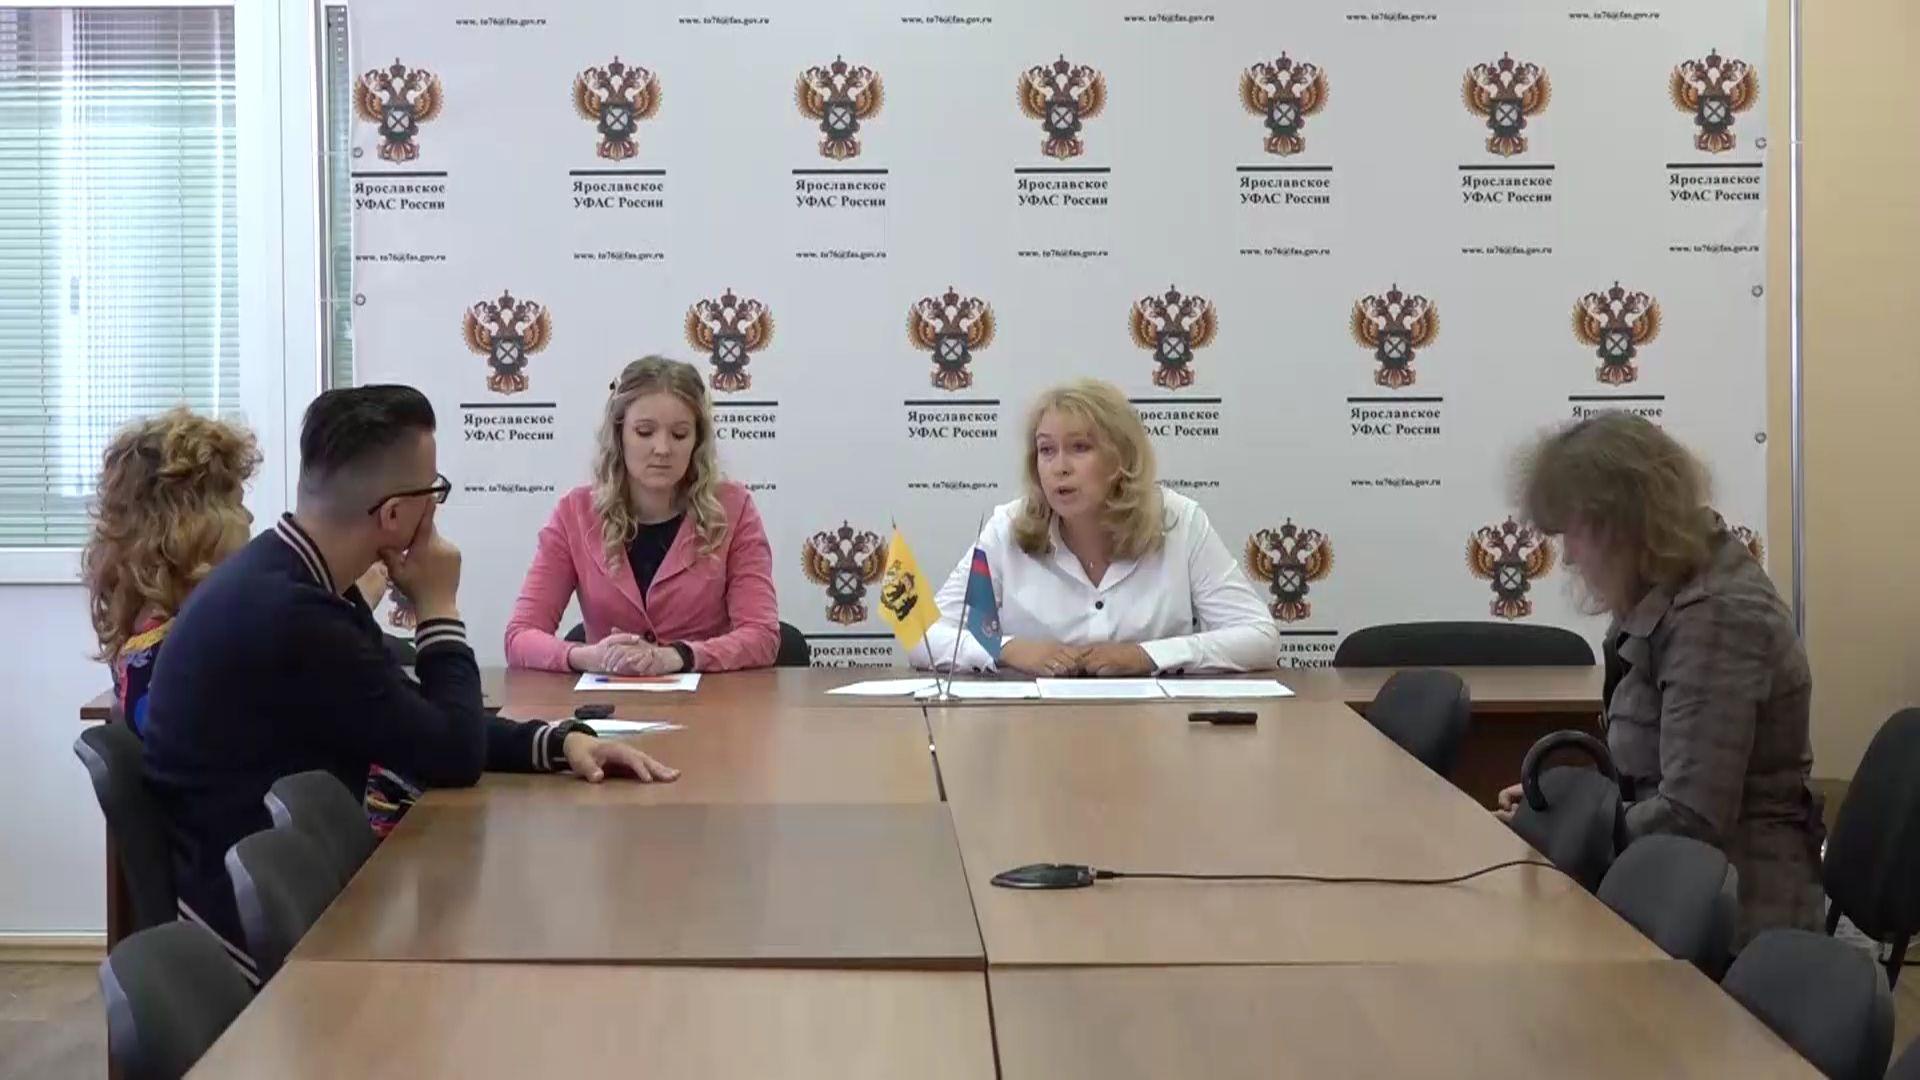 Ярославские антимонопольщики рассказали, сколько нарушений было в период карантина